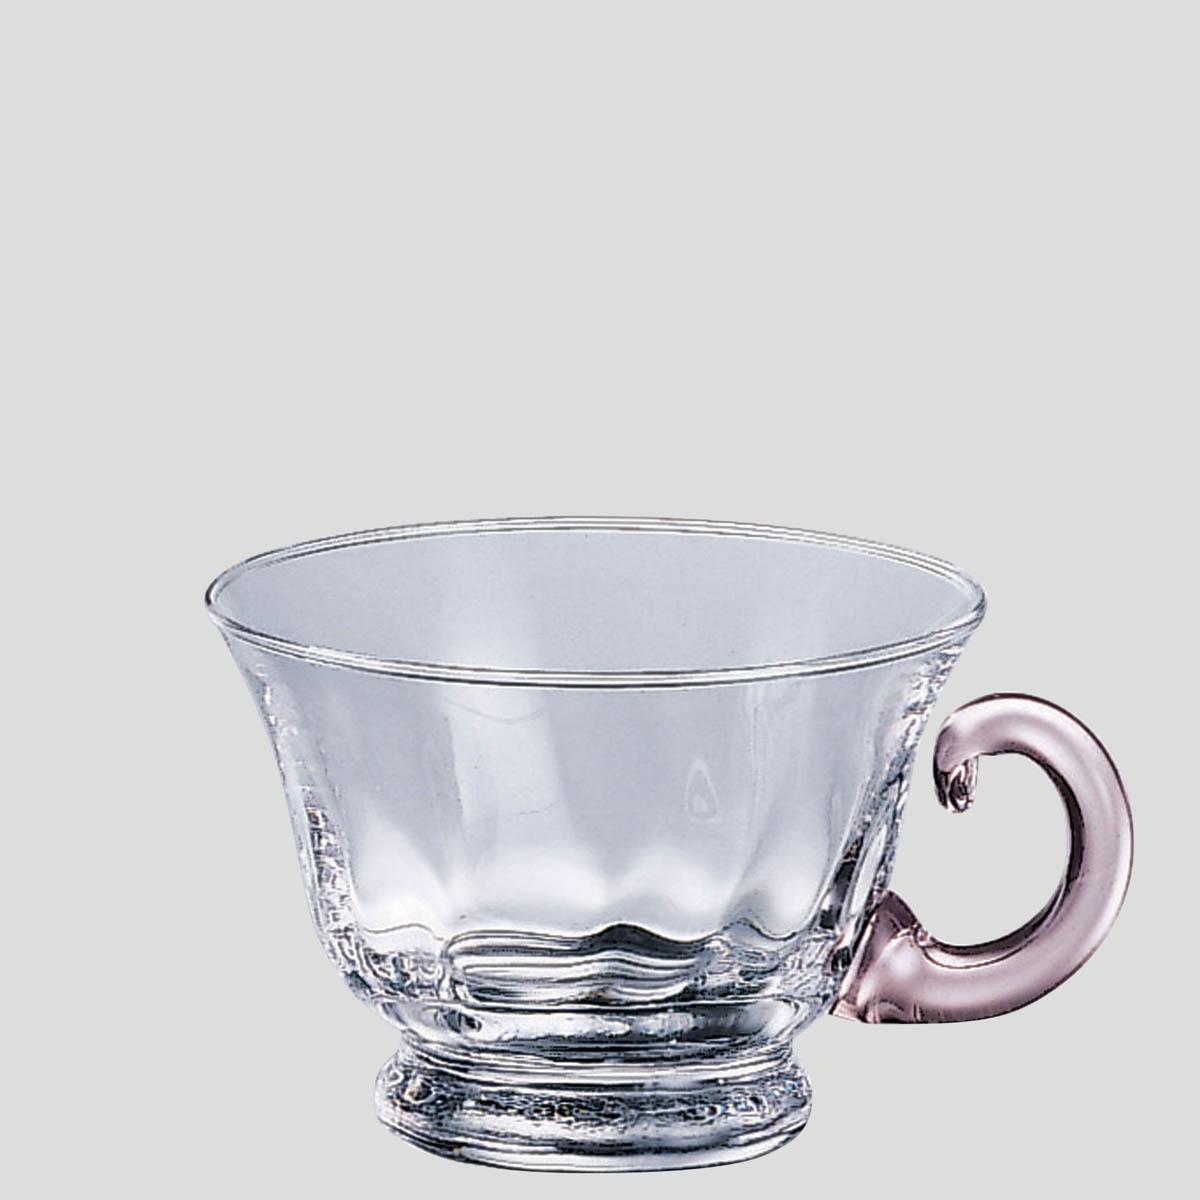 Tazza marte larga - tazza in vetro tè - Gardagel